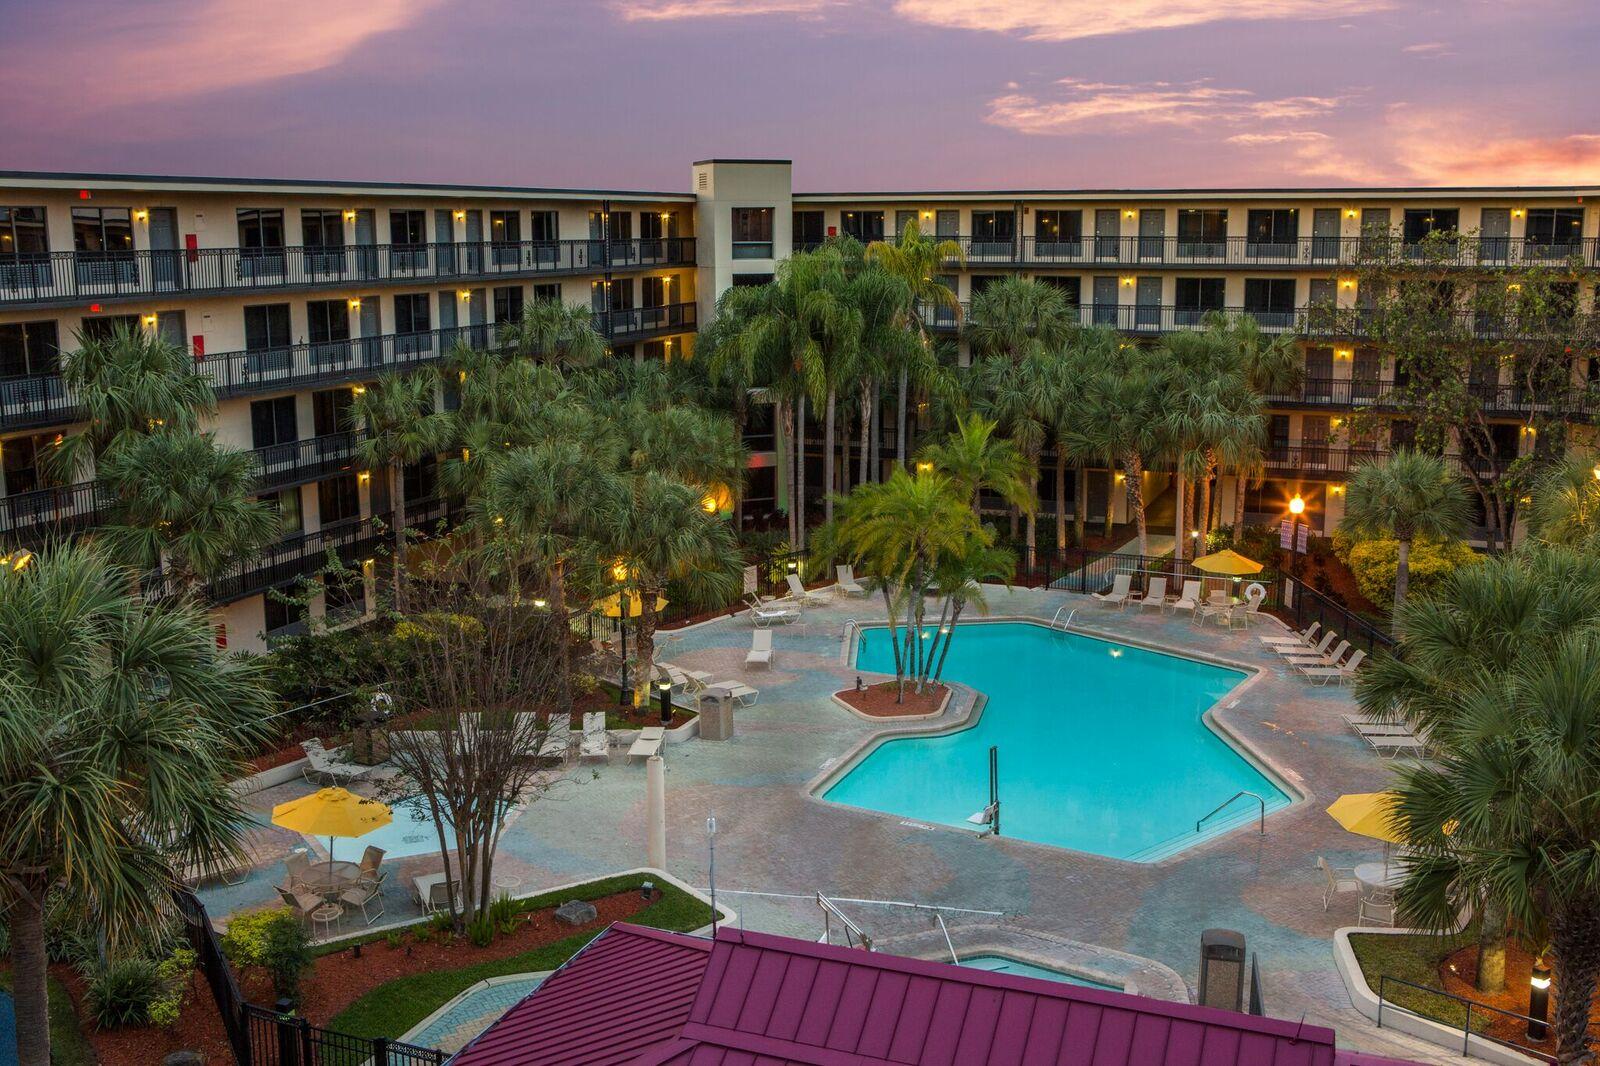 Staybridge Suites Orlando Royale Parc Suites Tropical Pool Area 1